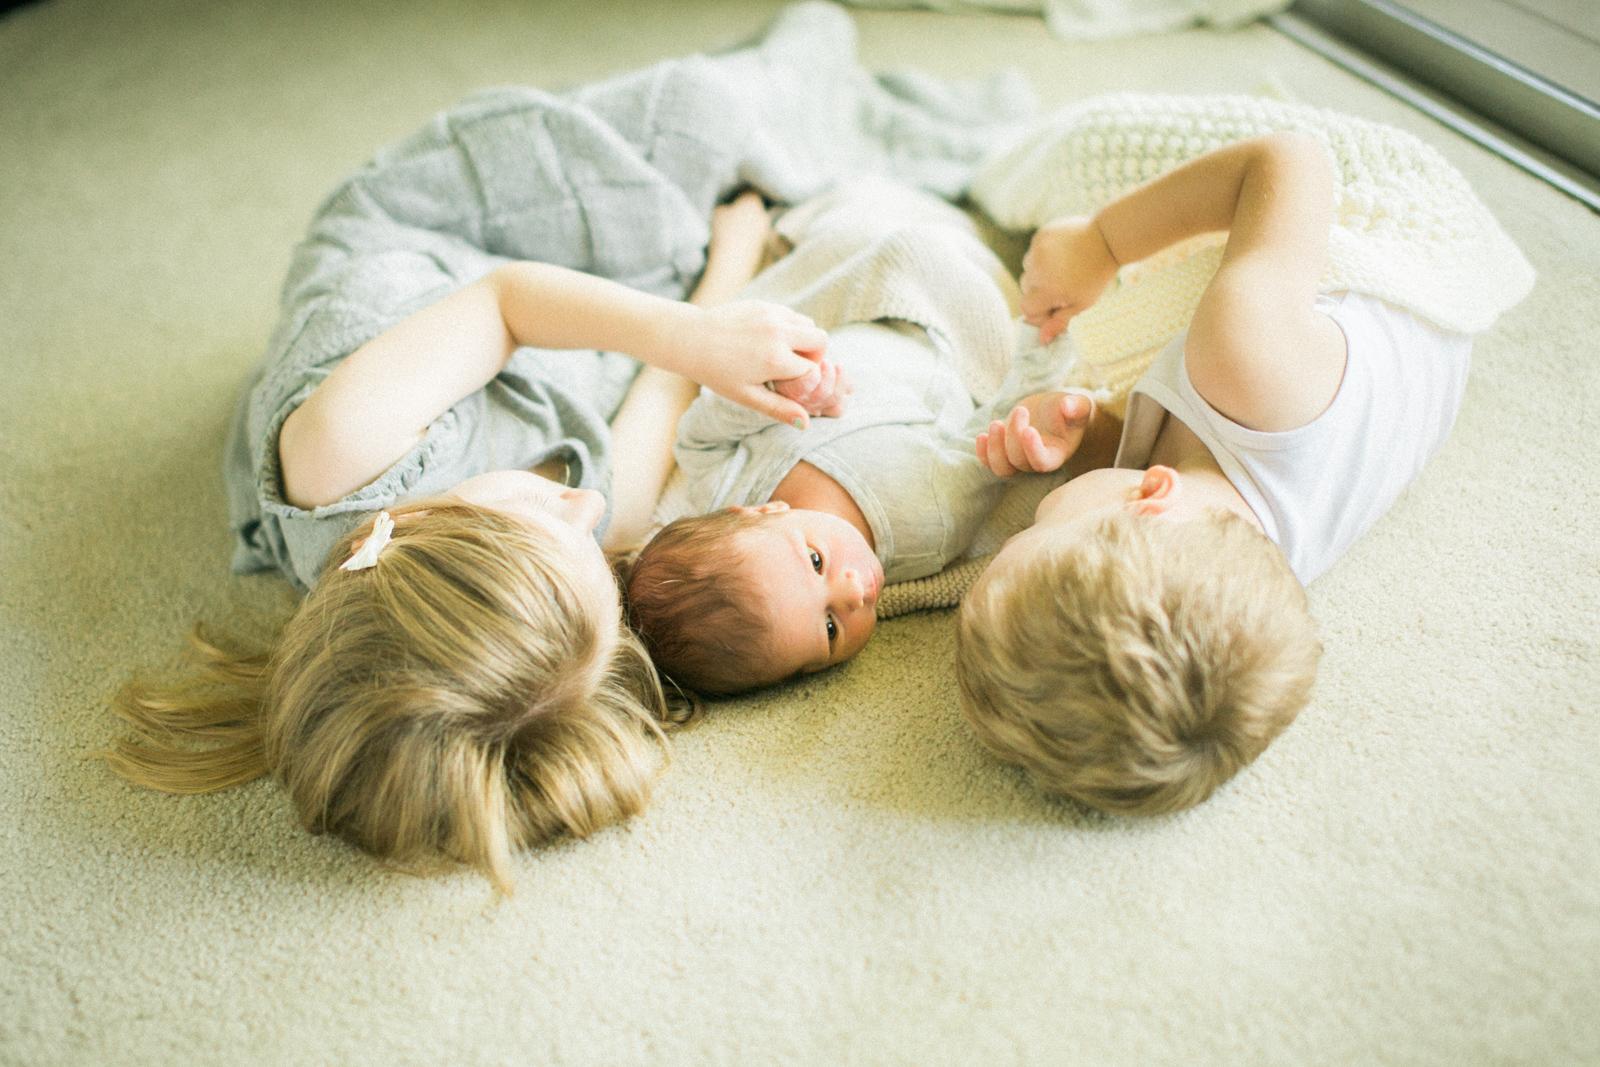 boise-newborn-photographer-5.jpg